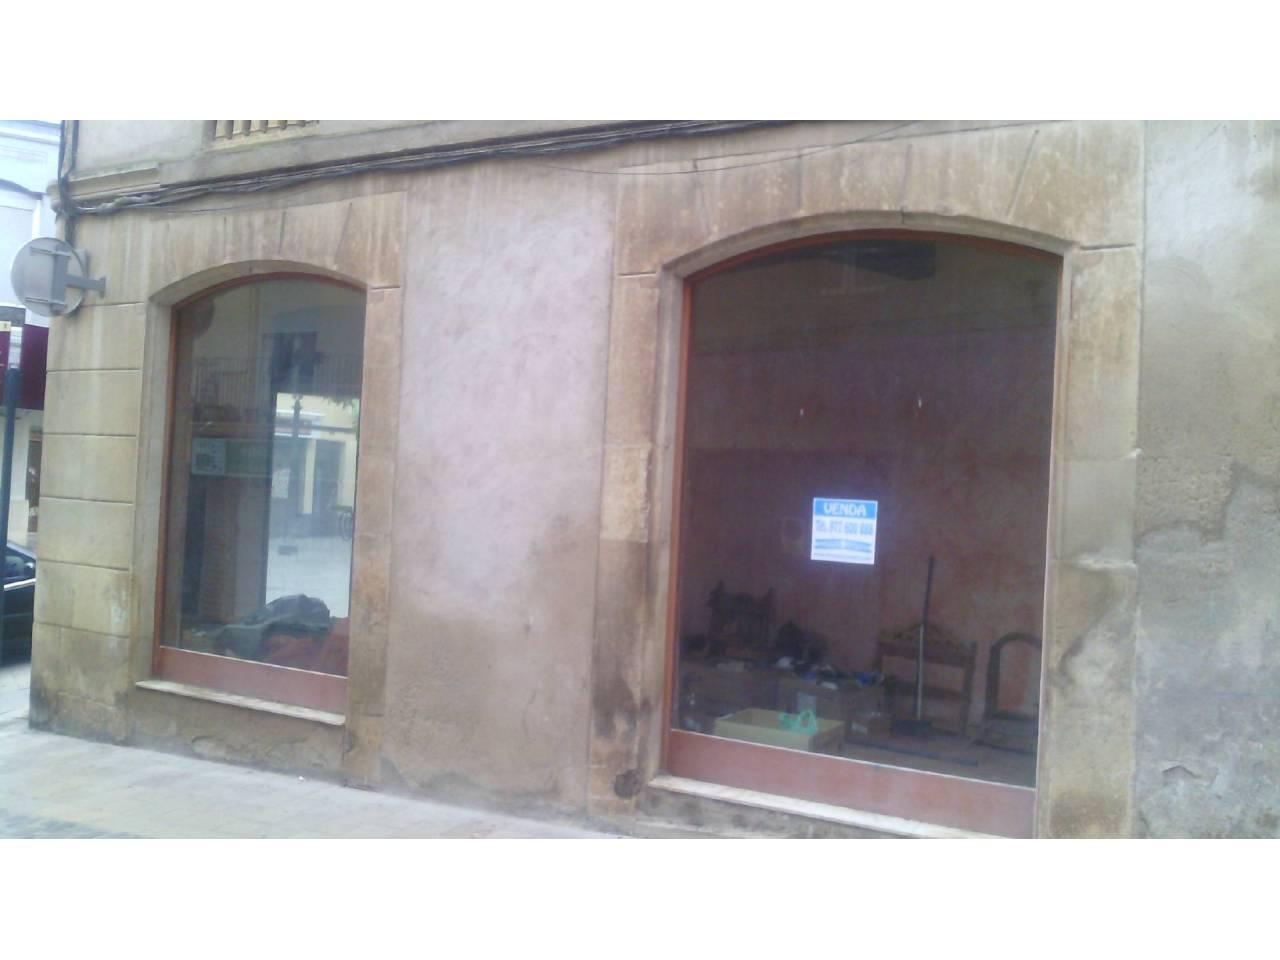 Local Comercial  Calle abadia. Superf. 60 m²,  1 aseo, calefacción, agua, luz, aire acondiciona